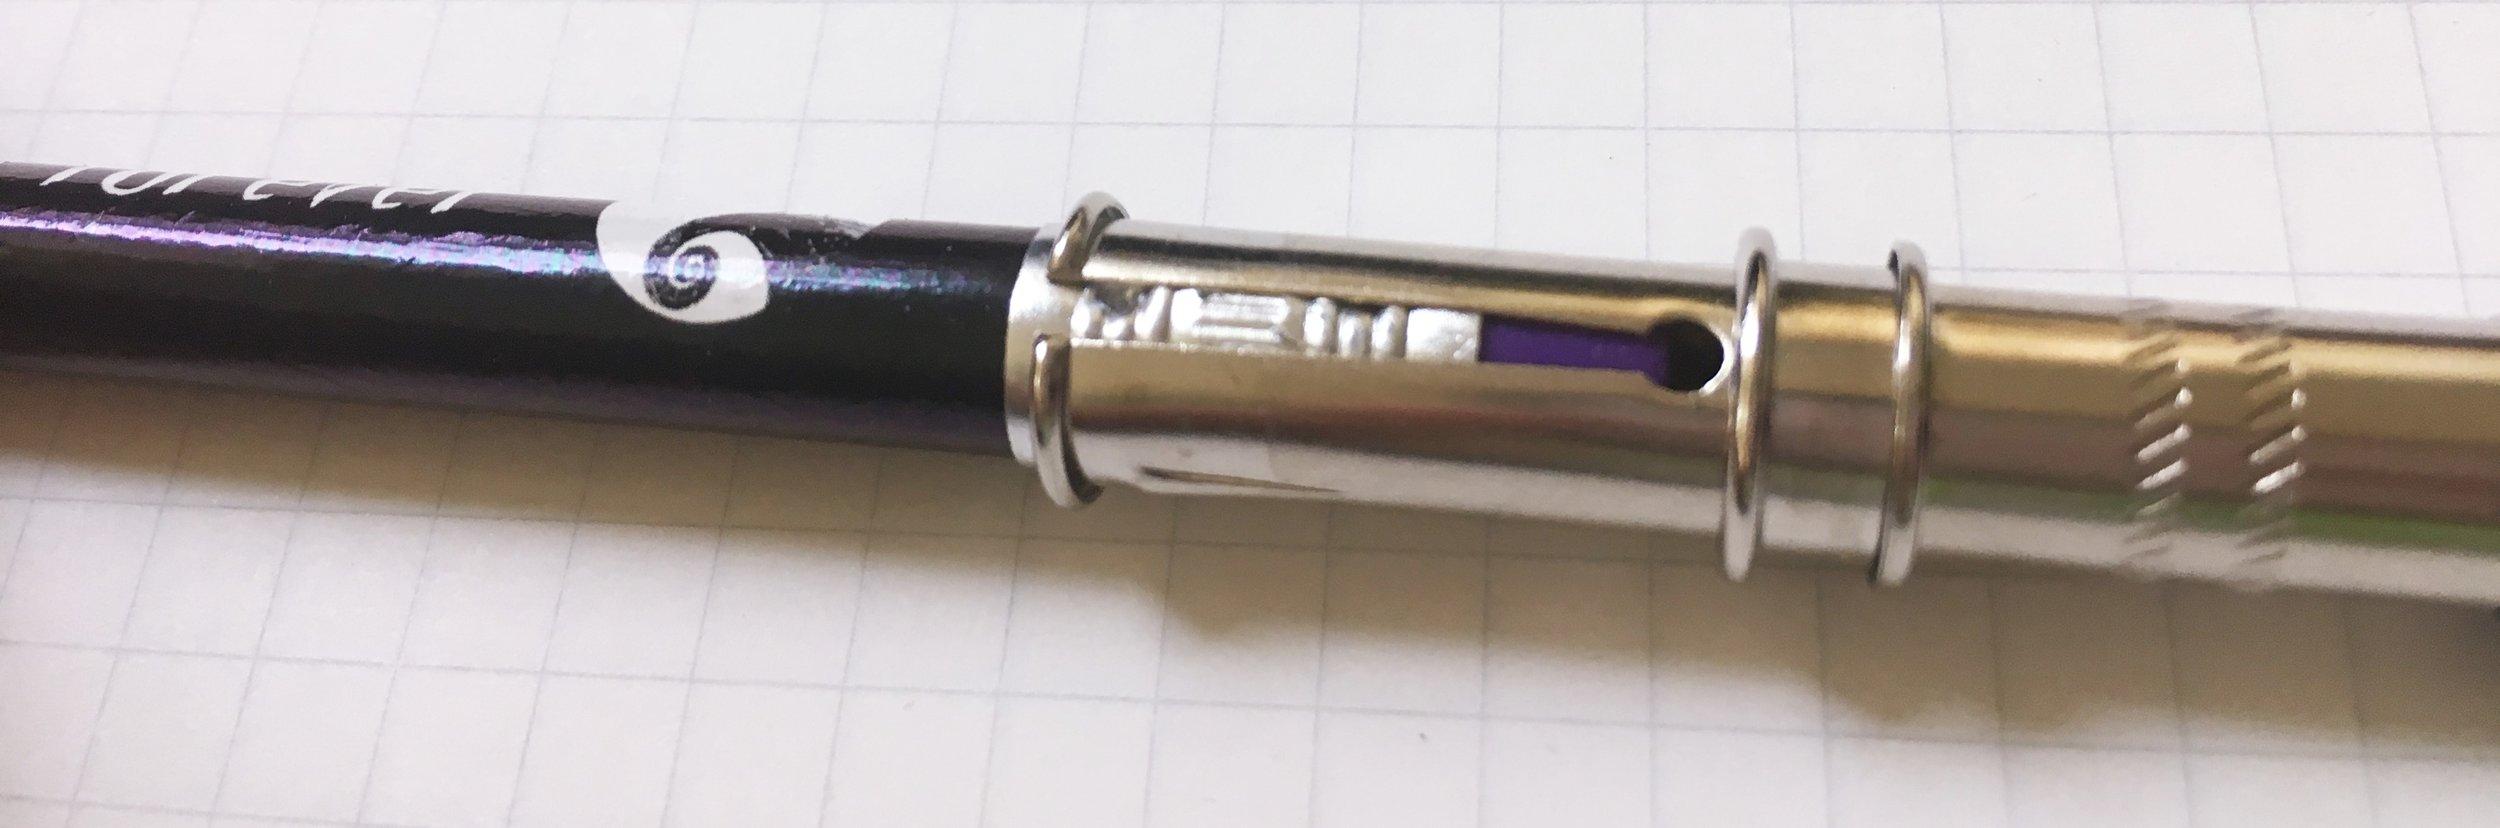 E+M Peanpole Wood Pencil 1